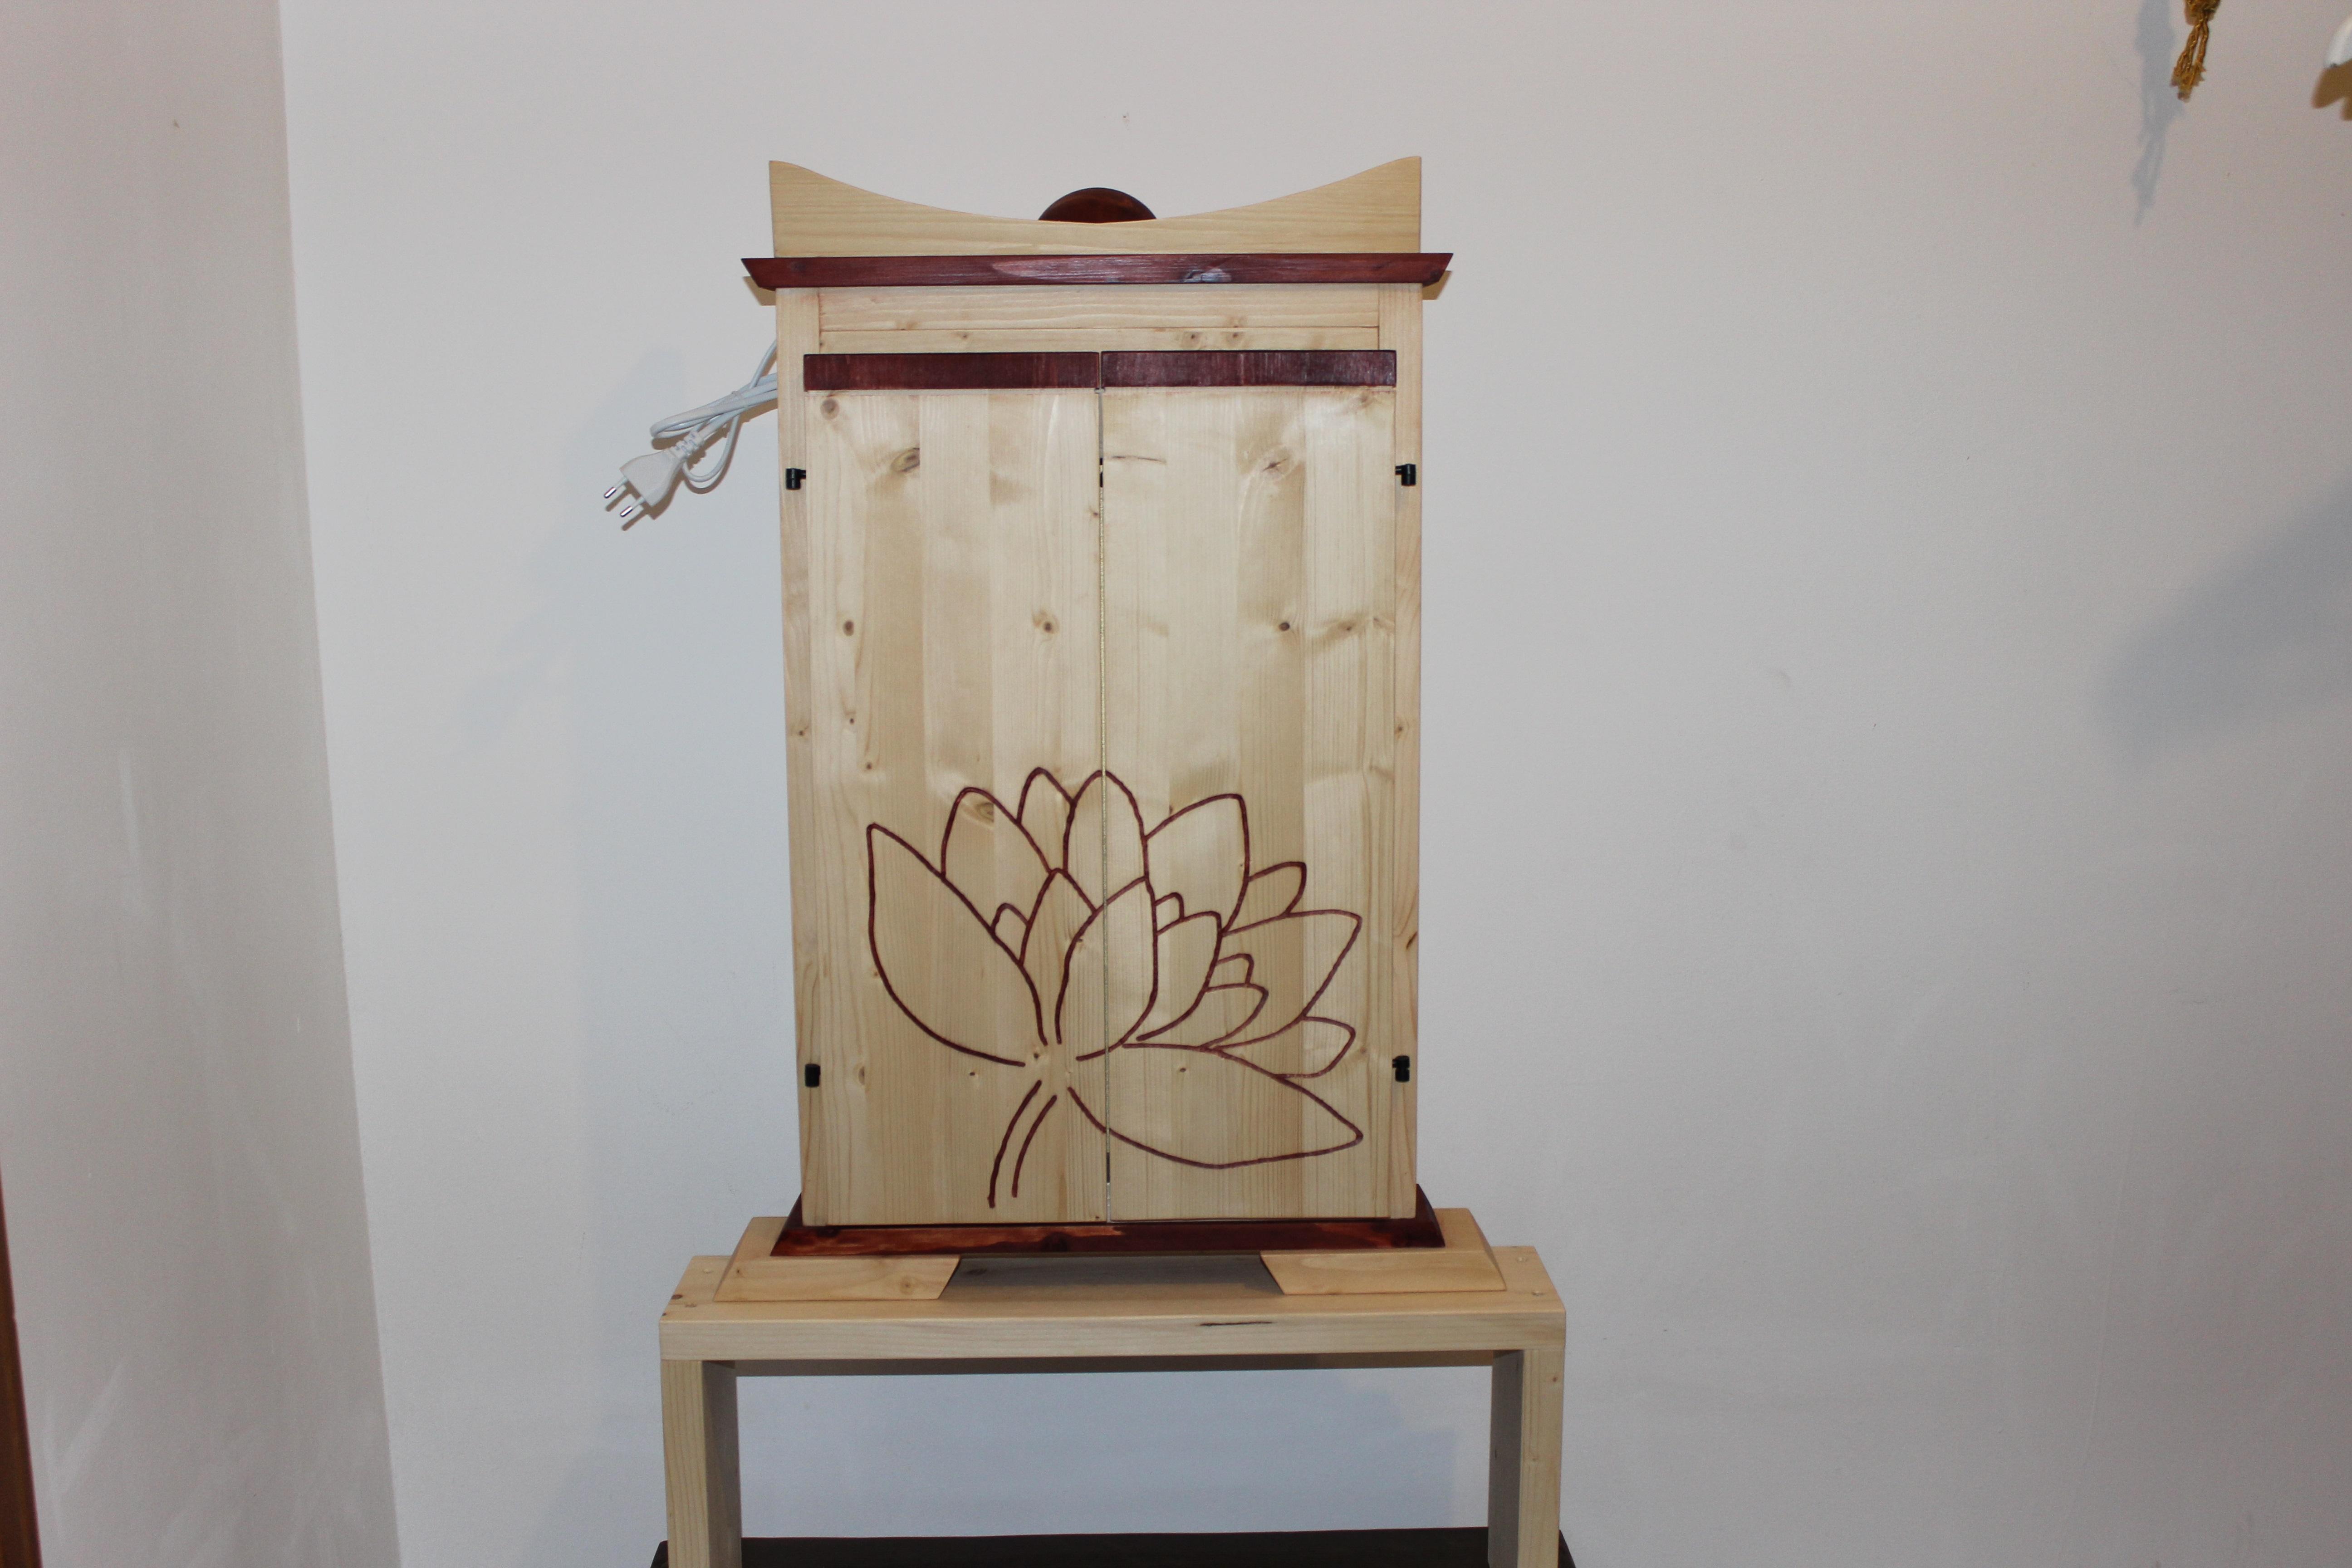 Butsudan intarsiato naturale la dimora del buddha - Mobile per butsudan ...